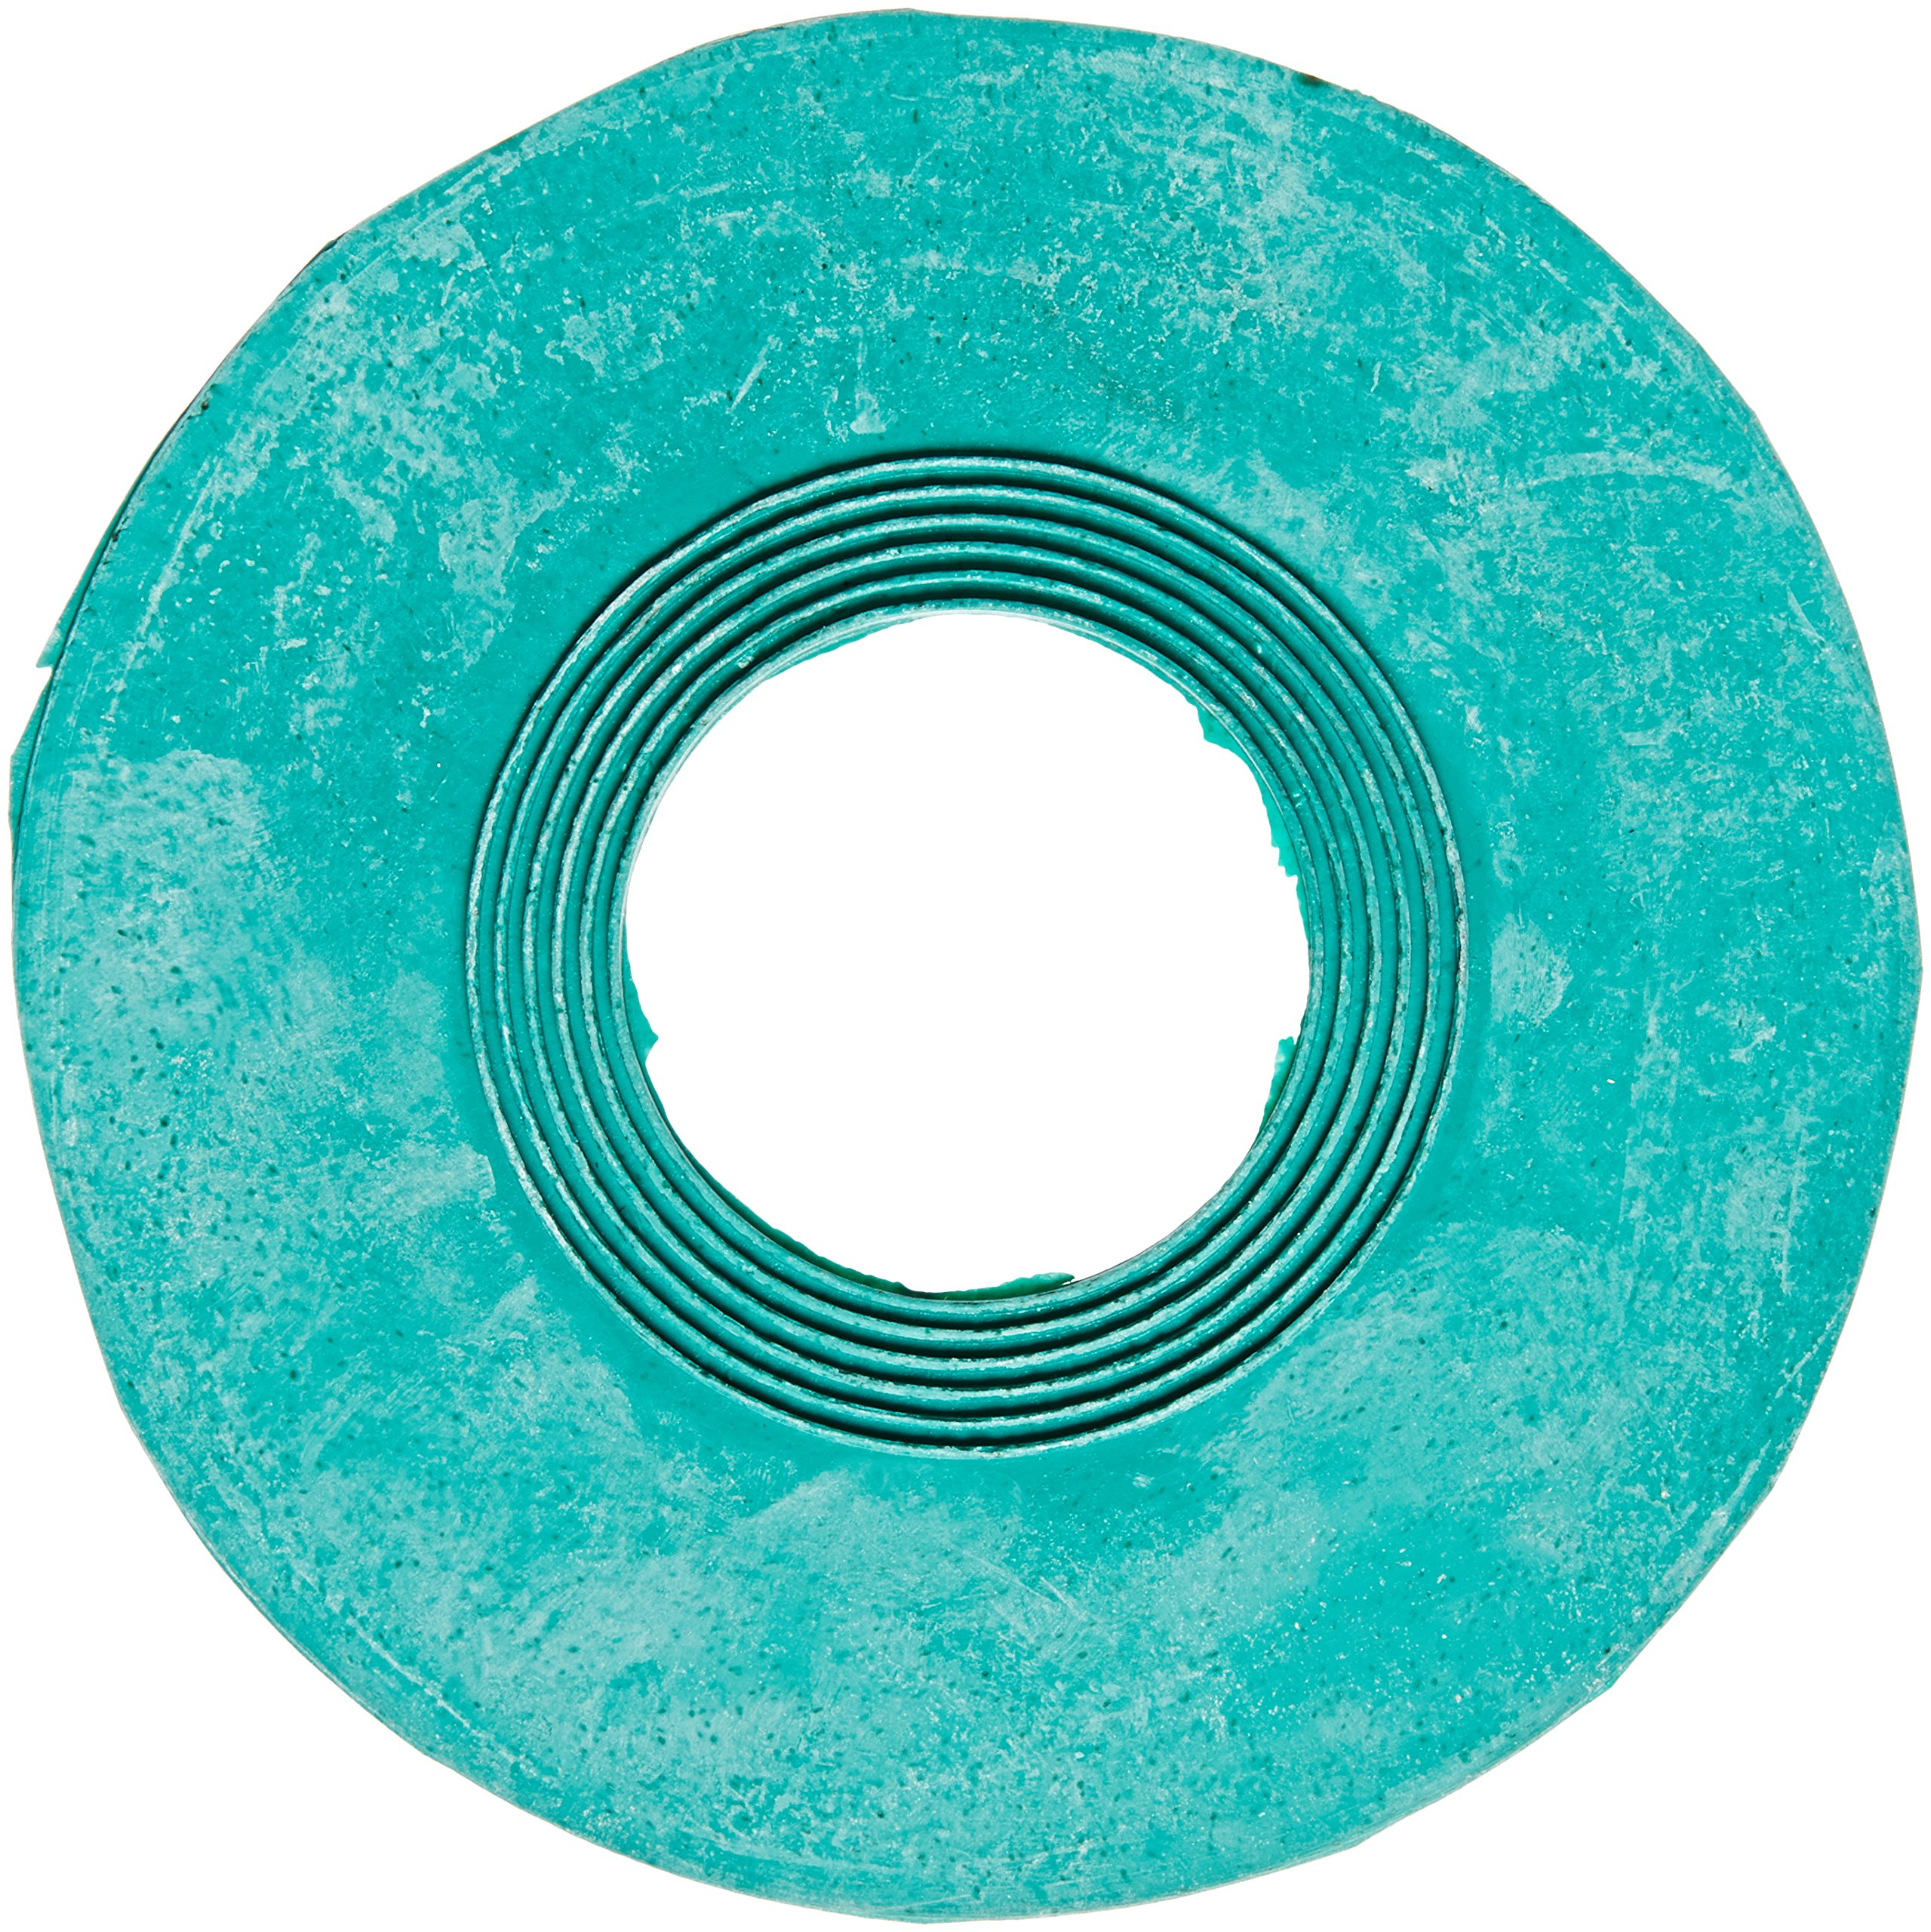 Spare Rubber Rings by JorVet